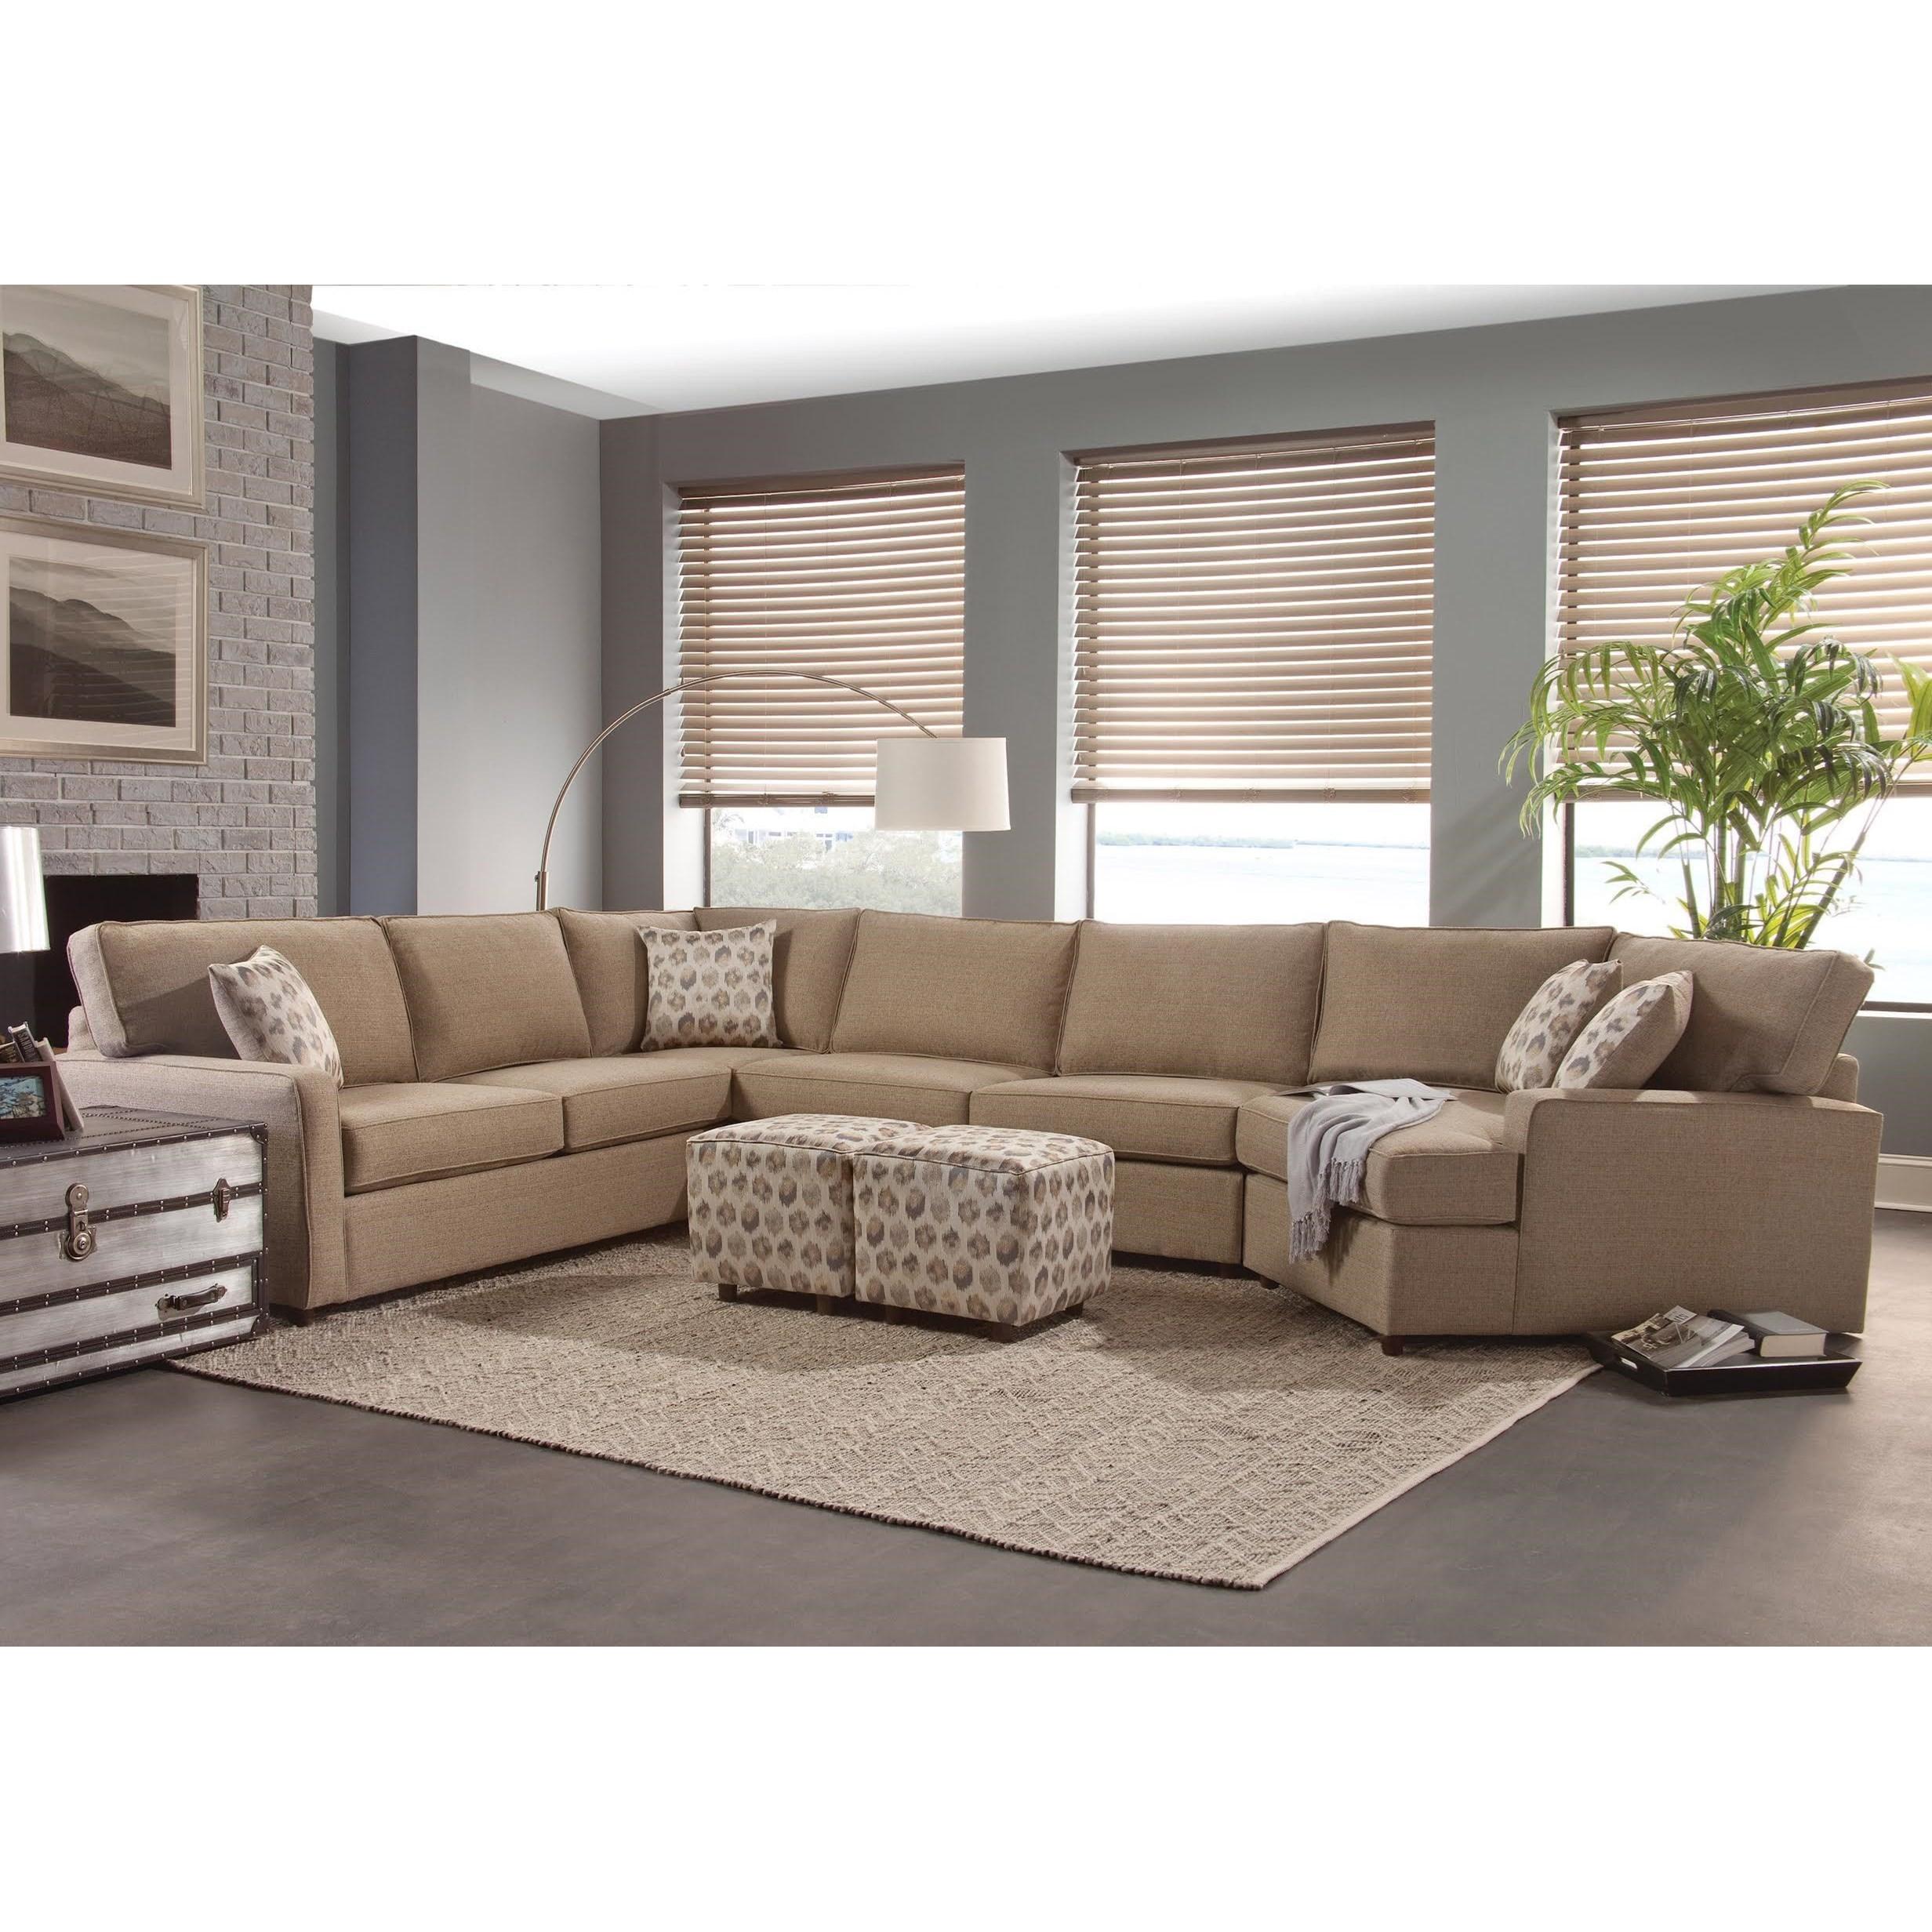 Benchmark Upholstery Eliot Living Room Group Dream Home